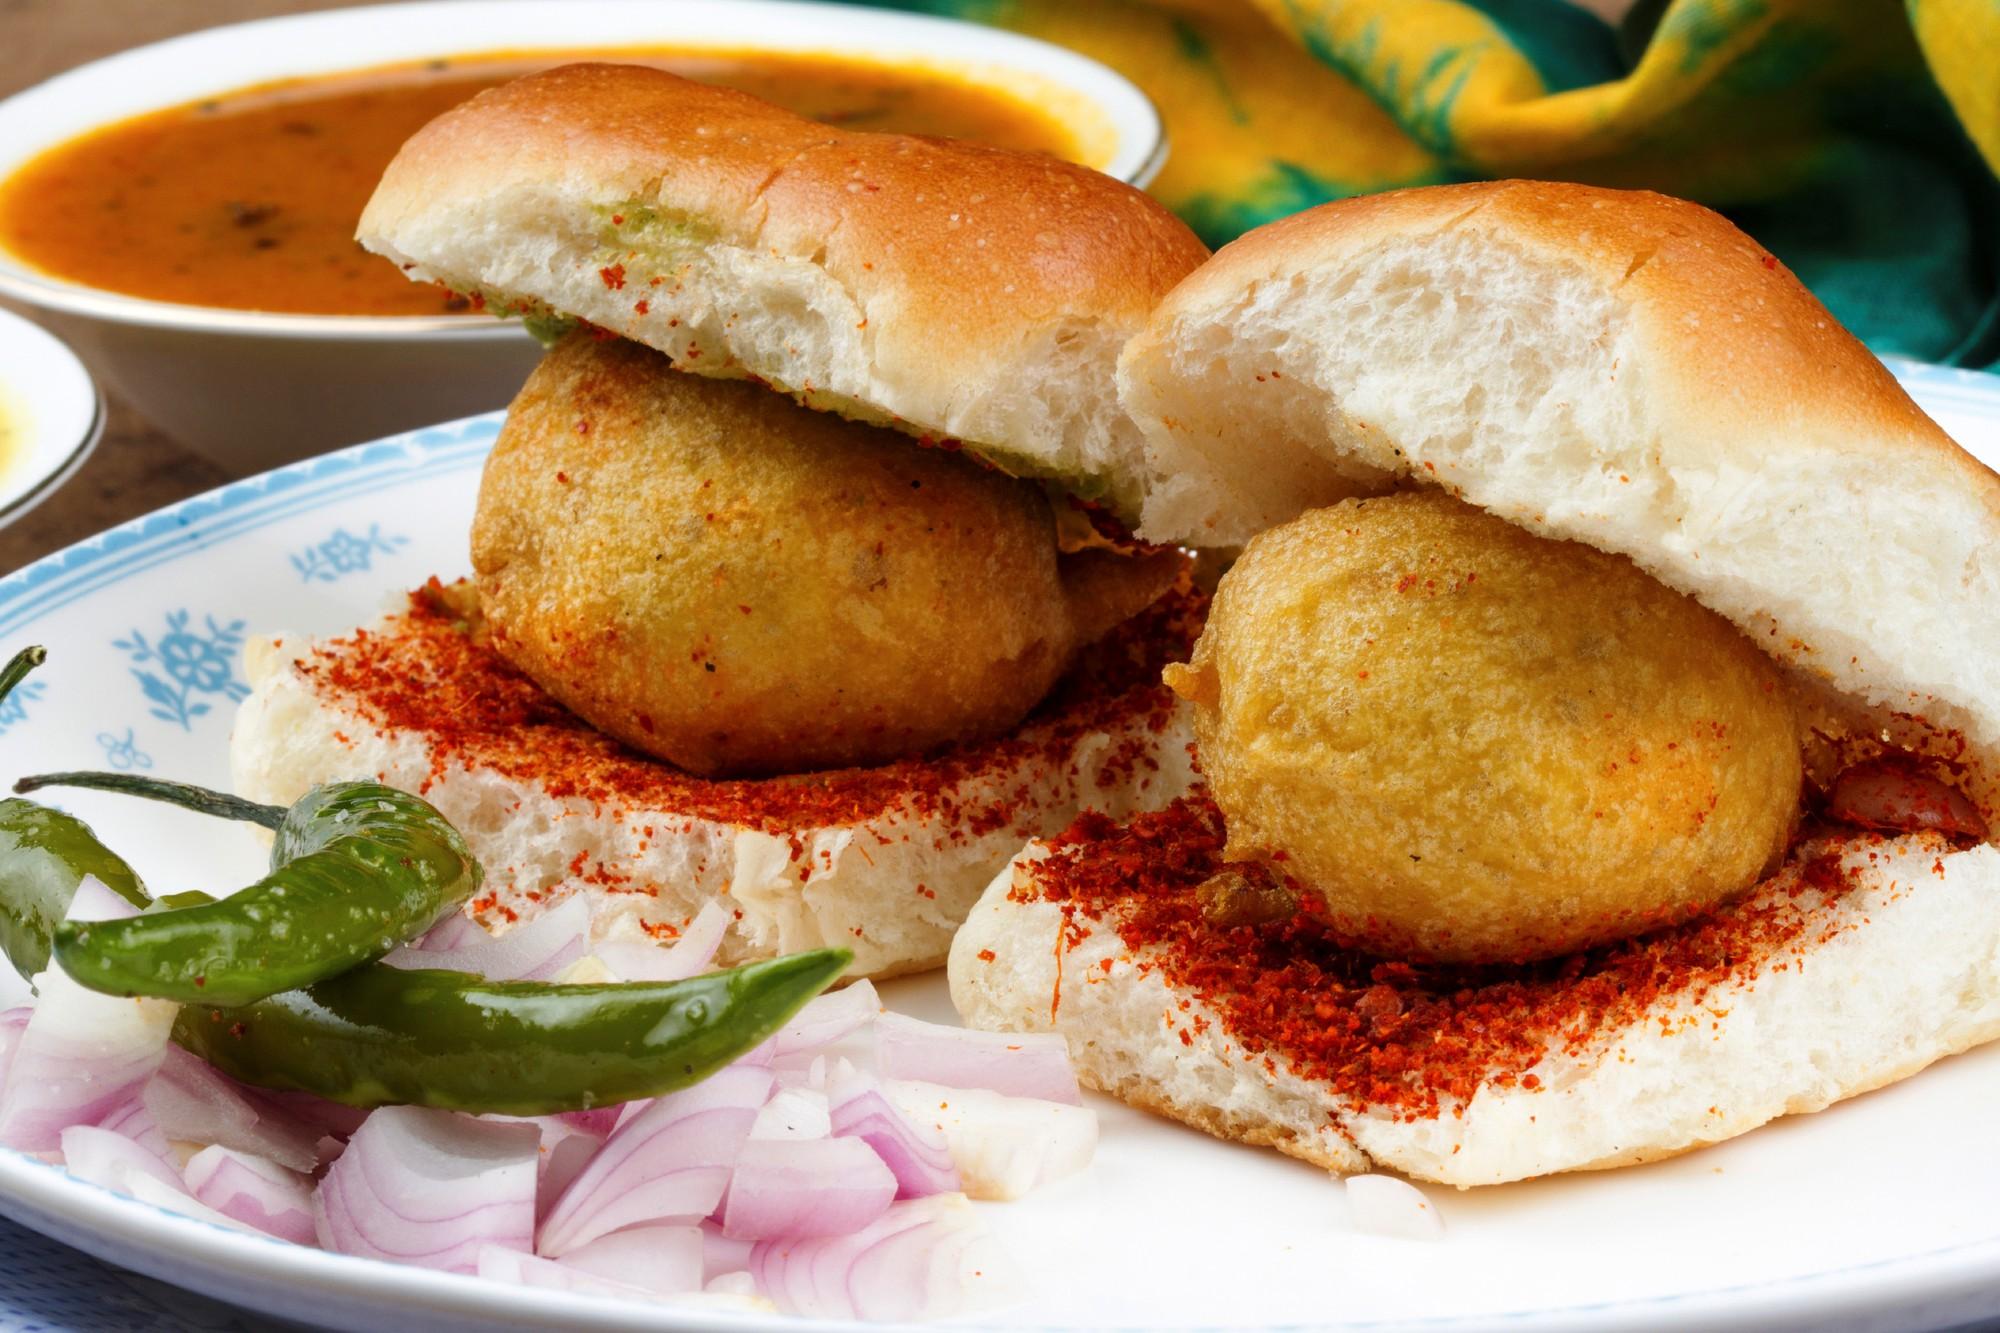 Báo chí nước ngoài ngợi khen bánh mì Việt Nam, xếp hạng trong top 10 món sandwich ngon nhất thế giới - Ảnh 5.